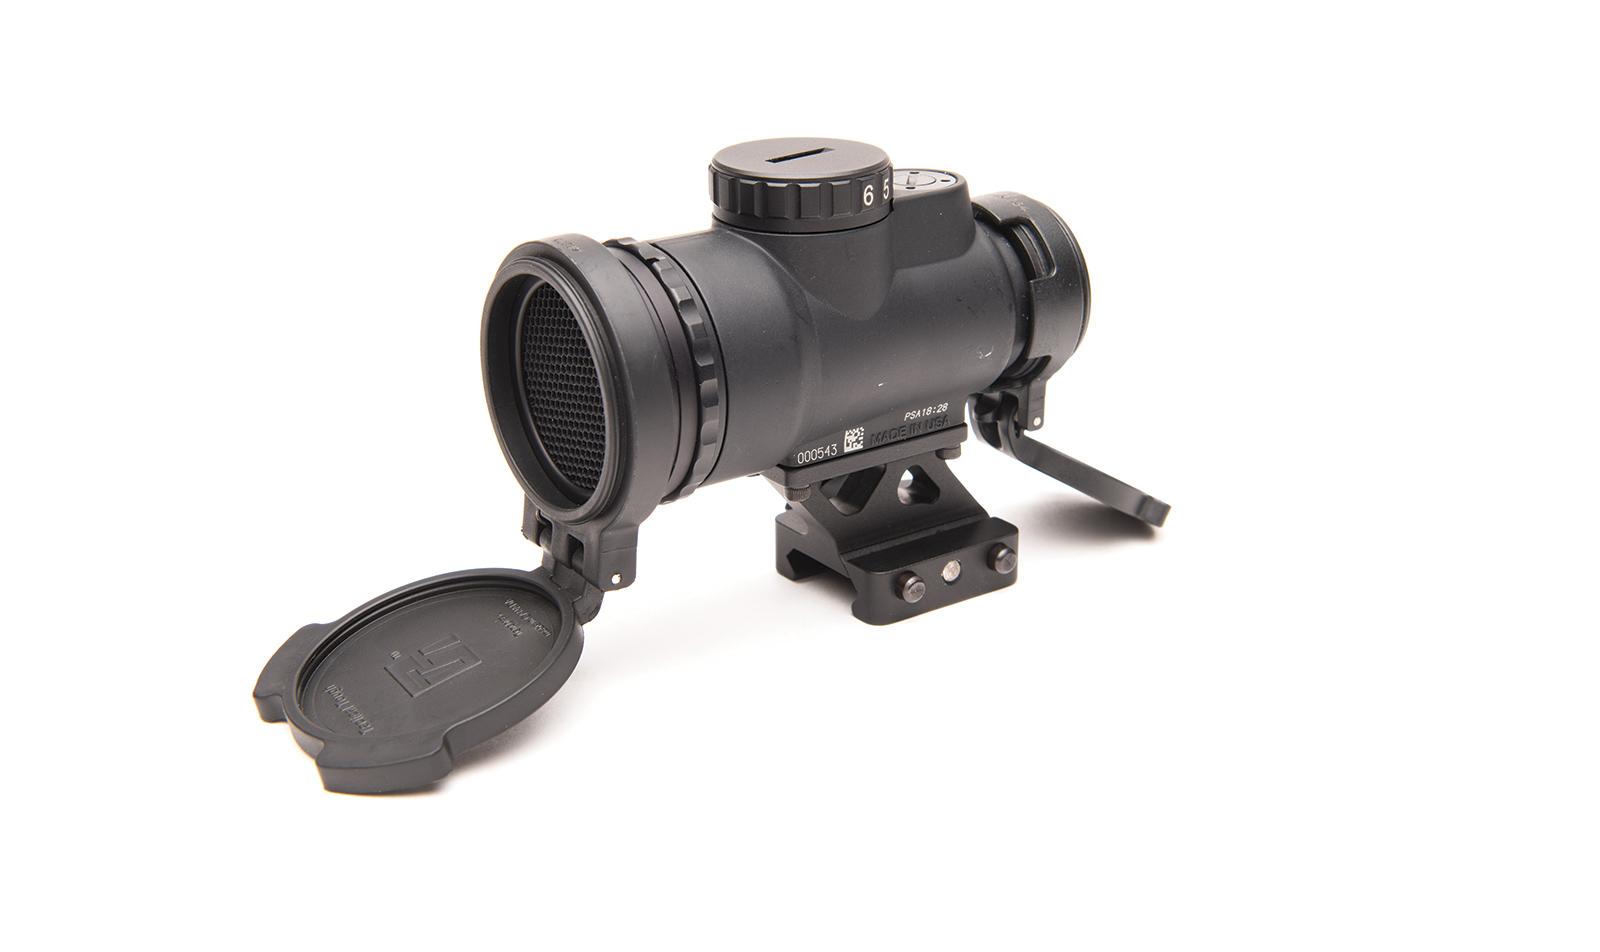 MRO-C-2200018 angle 1